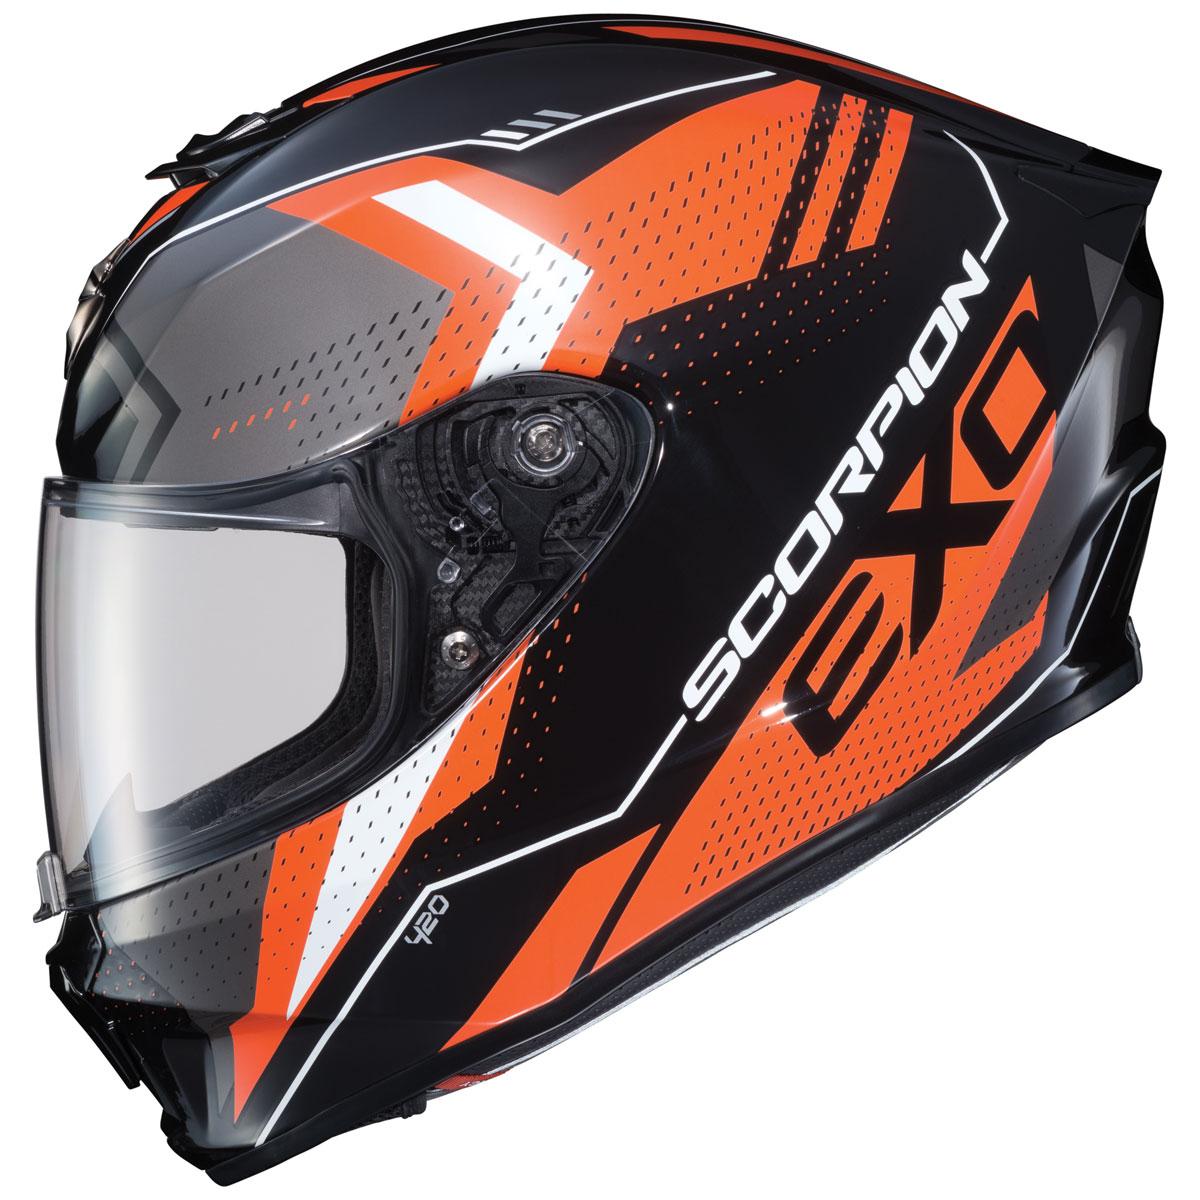 Scorpion EXO EXO-R420 Seismic Orange Full Face Helmet